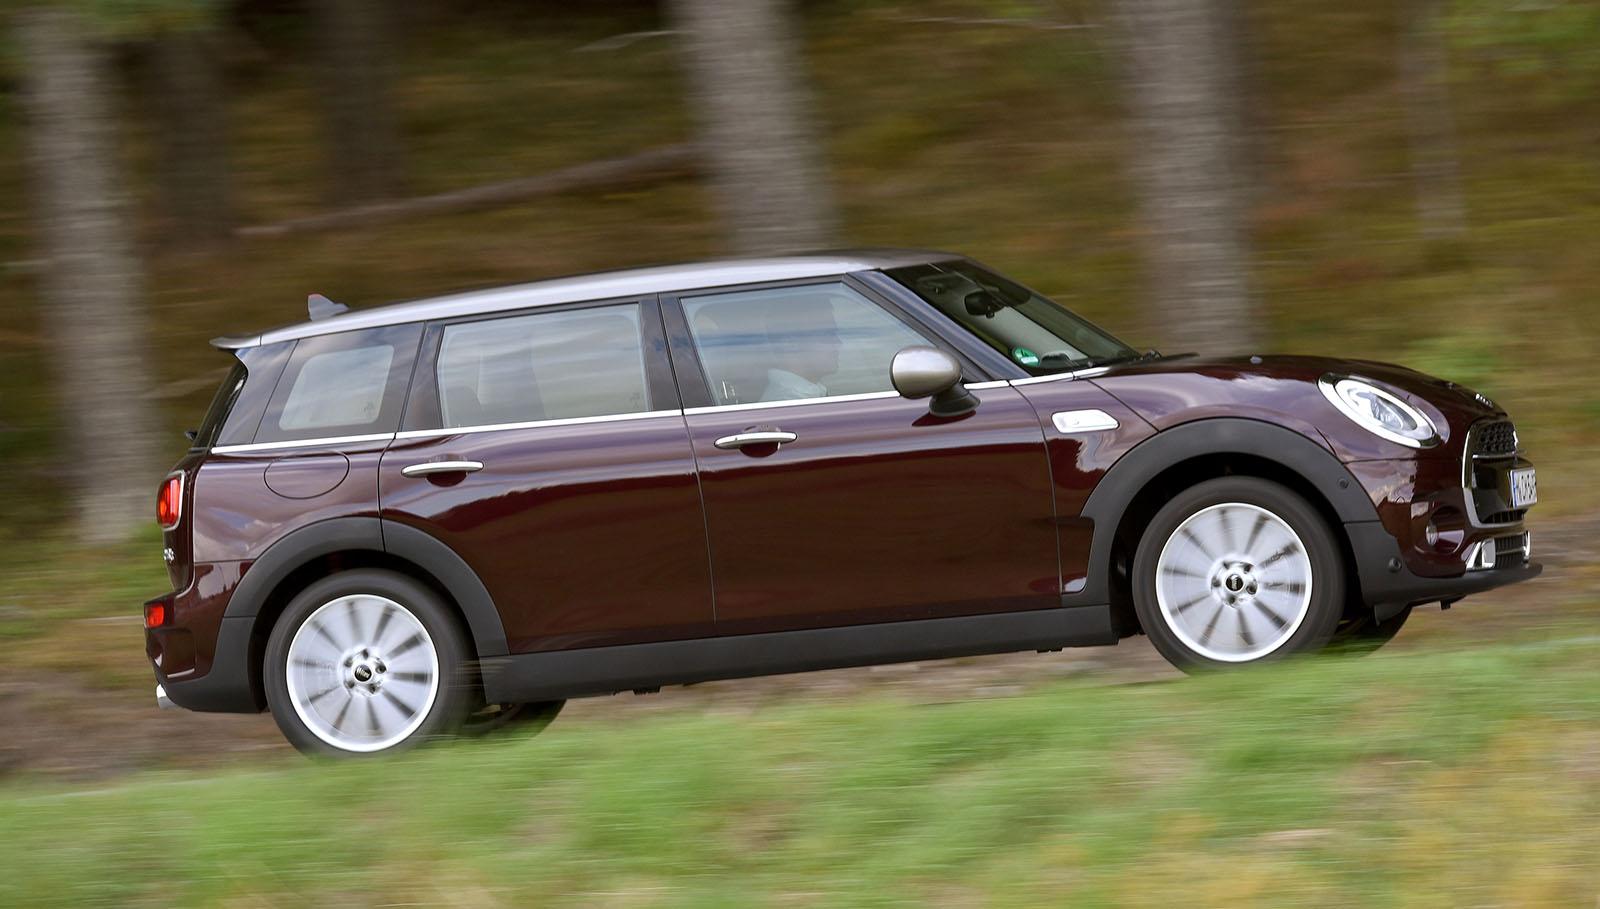 Su tacto de conducción permanece fiel a la filosofía de Mini. No es tan ágil en curva como en modelo de 3 puertas, pero a cambio resulta más cómodo.